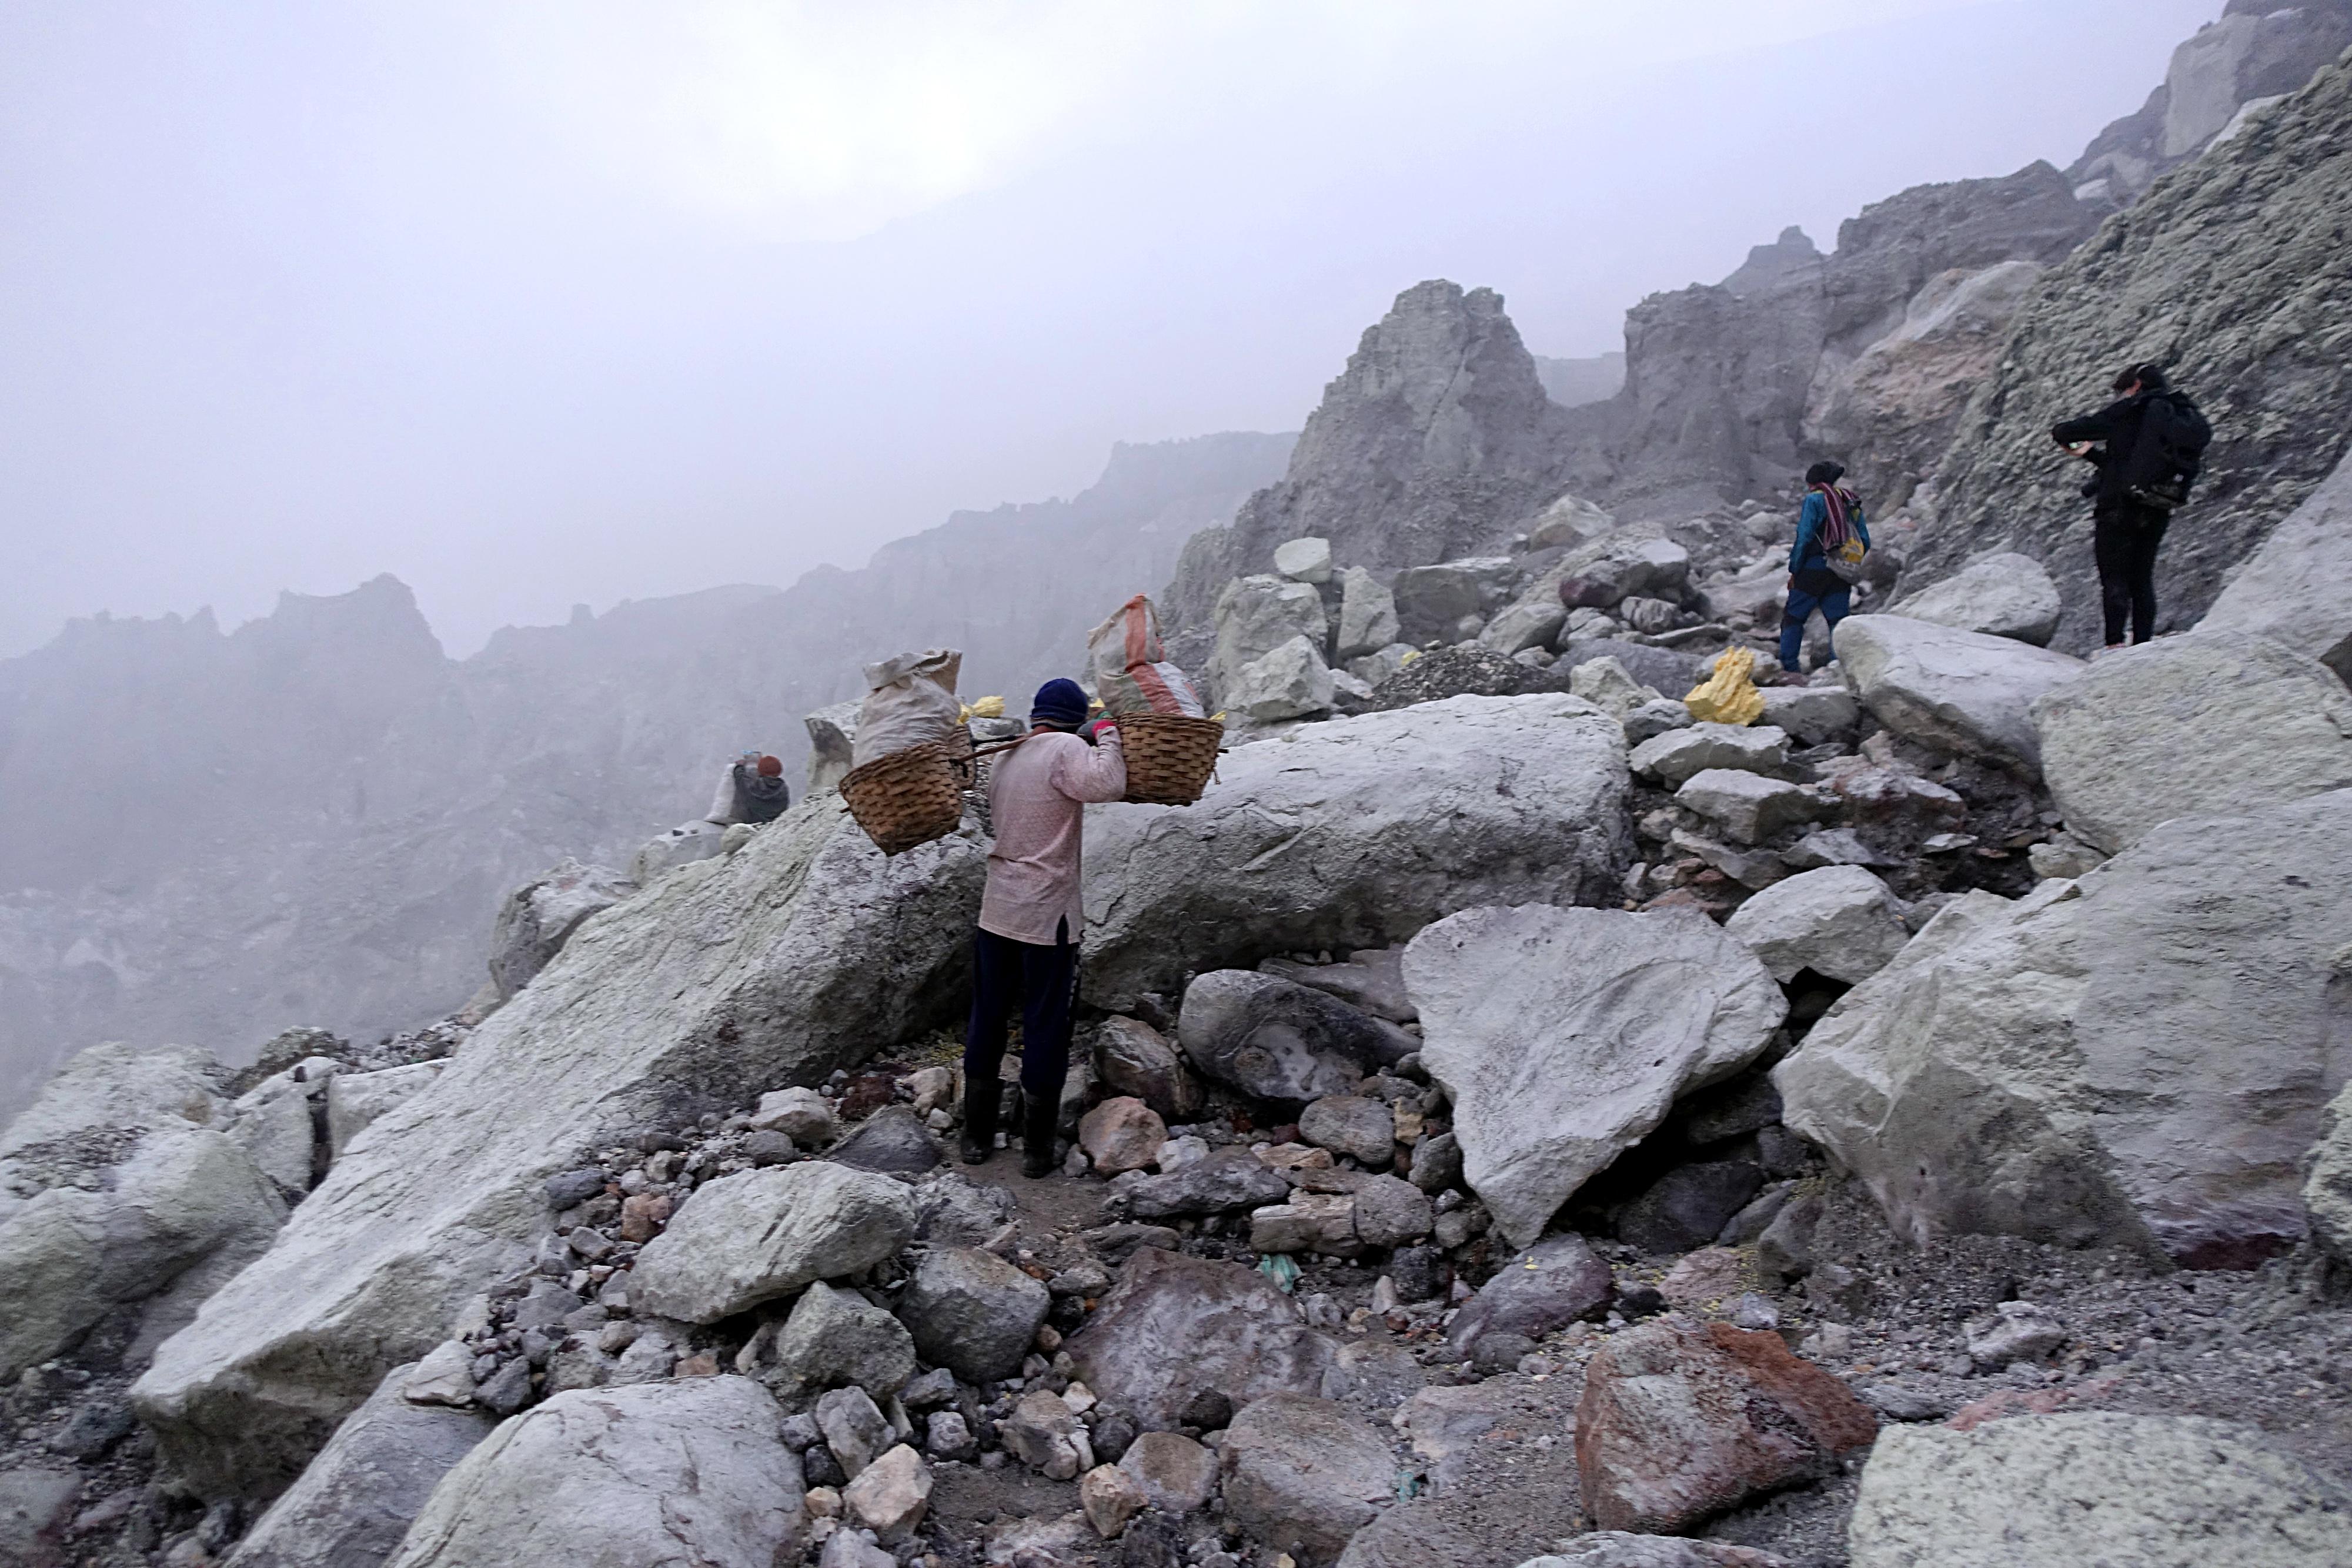 Der härteste Job der Welt | Arbeiter im Mount Ijen, Indonesien